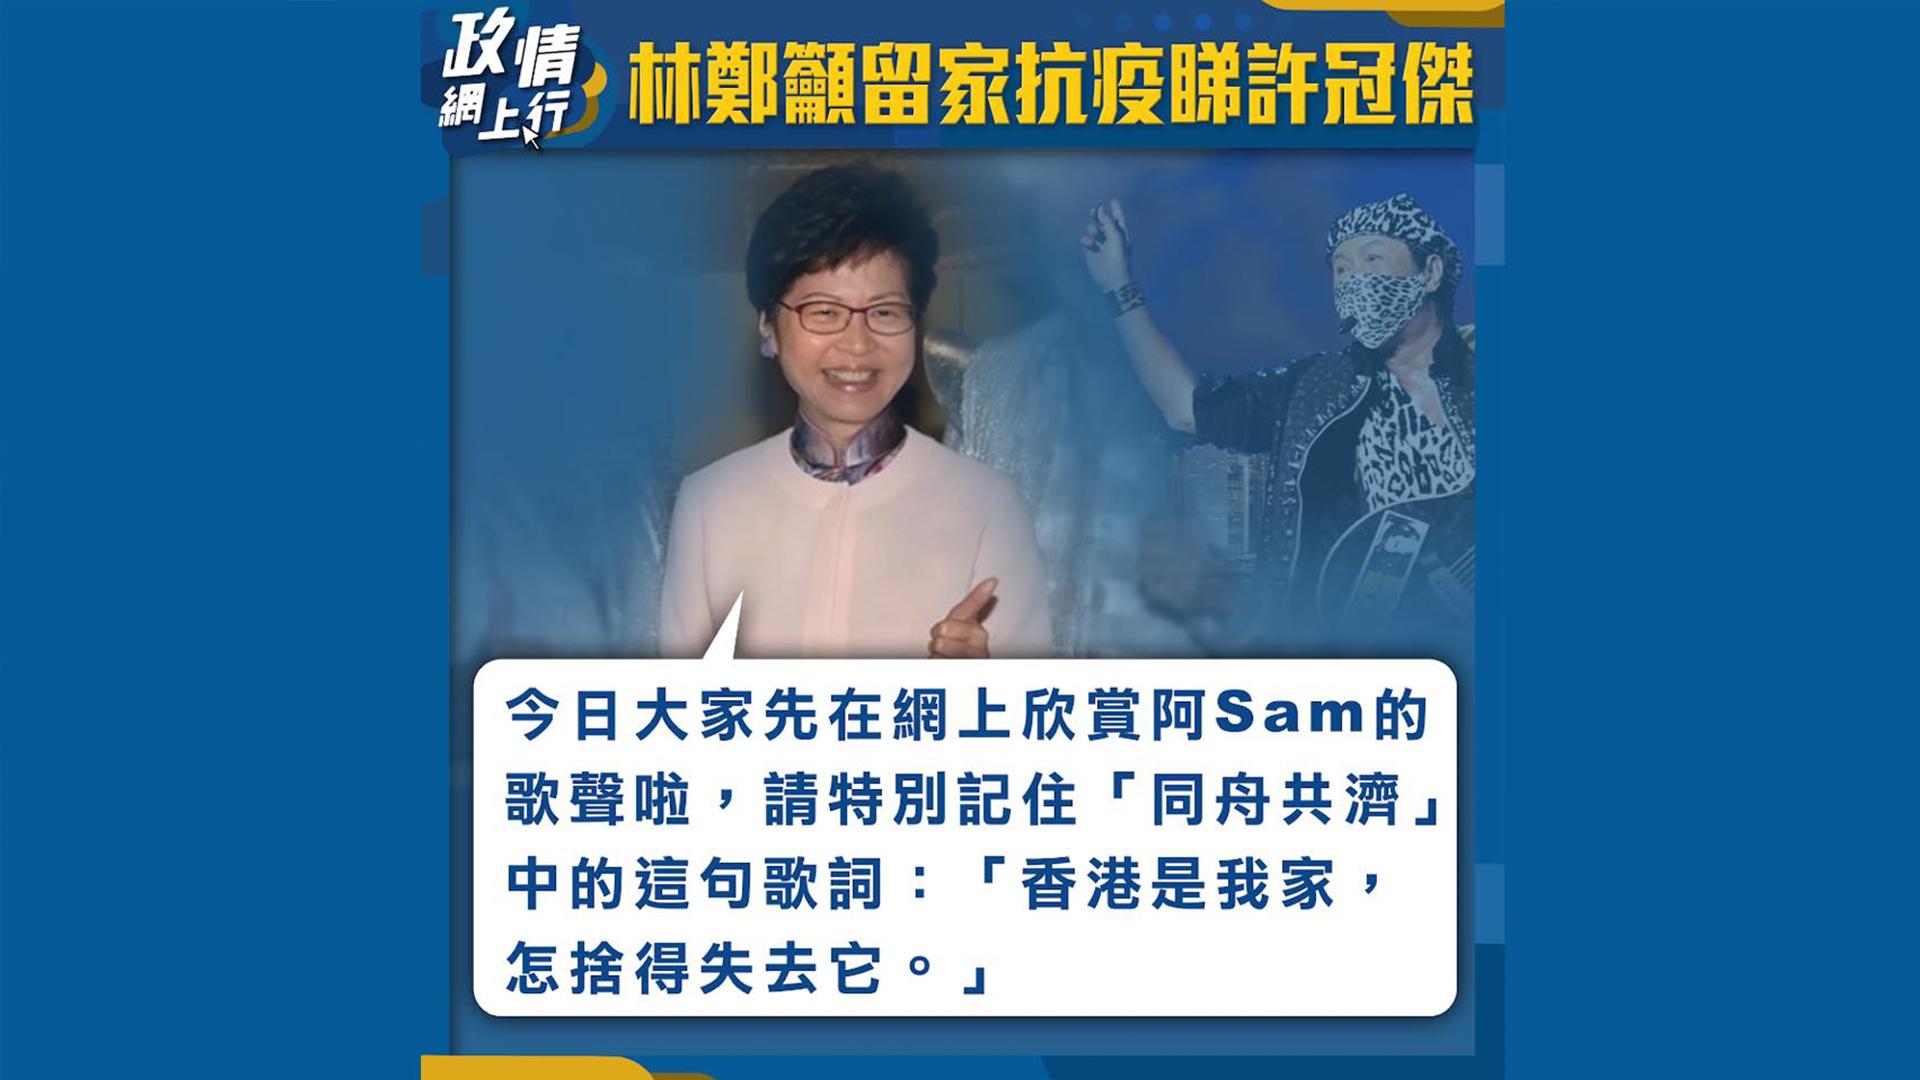 【政情網上行】林鄭籲留家抗疫睇許冠傑